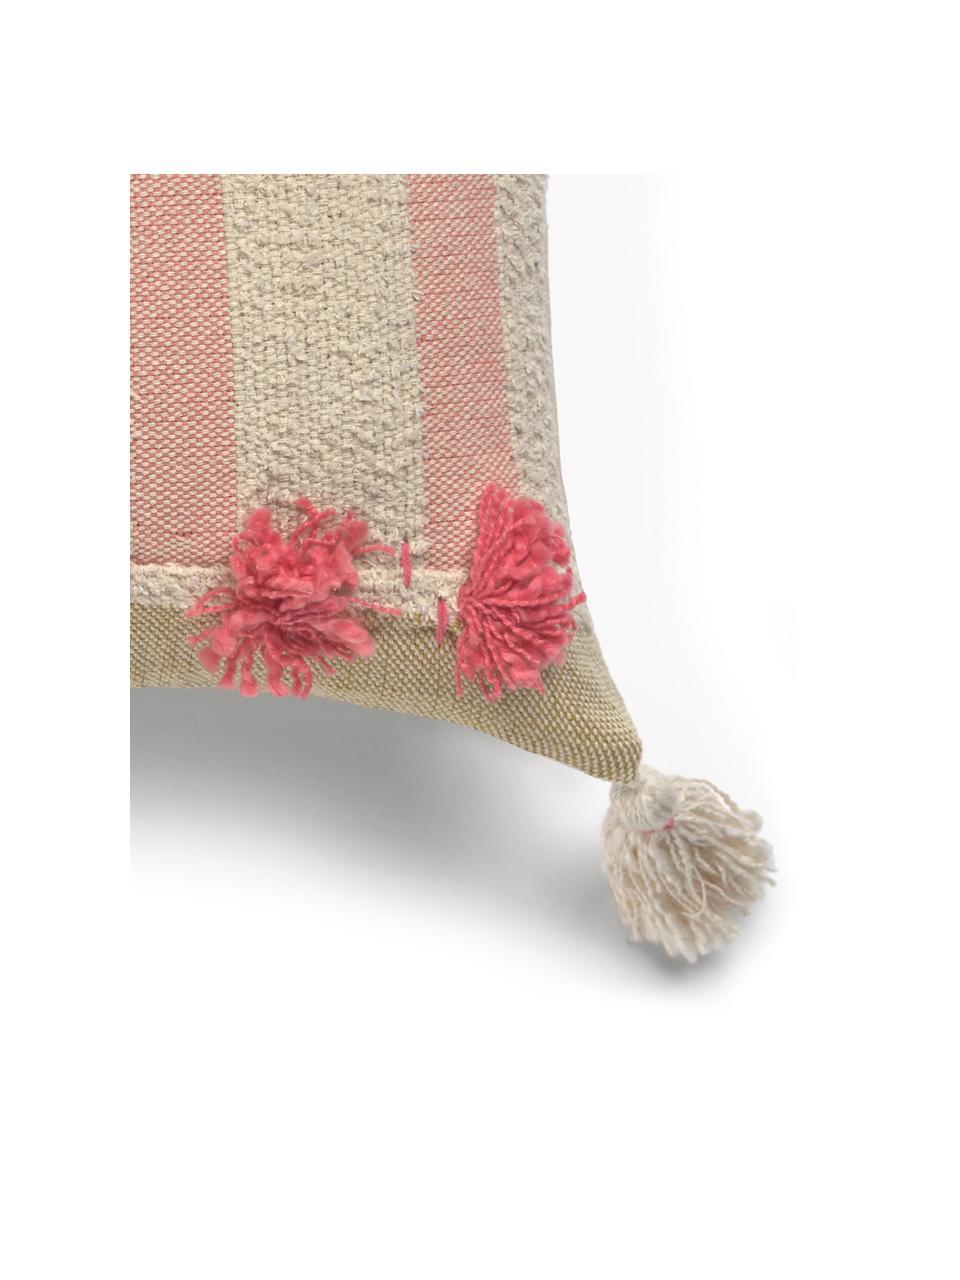 Kissenhülle Vals mit Tasseln, 100% Baumwolle, Mehrfarbig, 45 x 45 cm